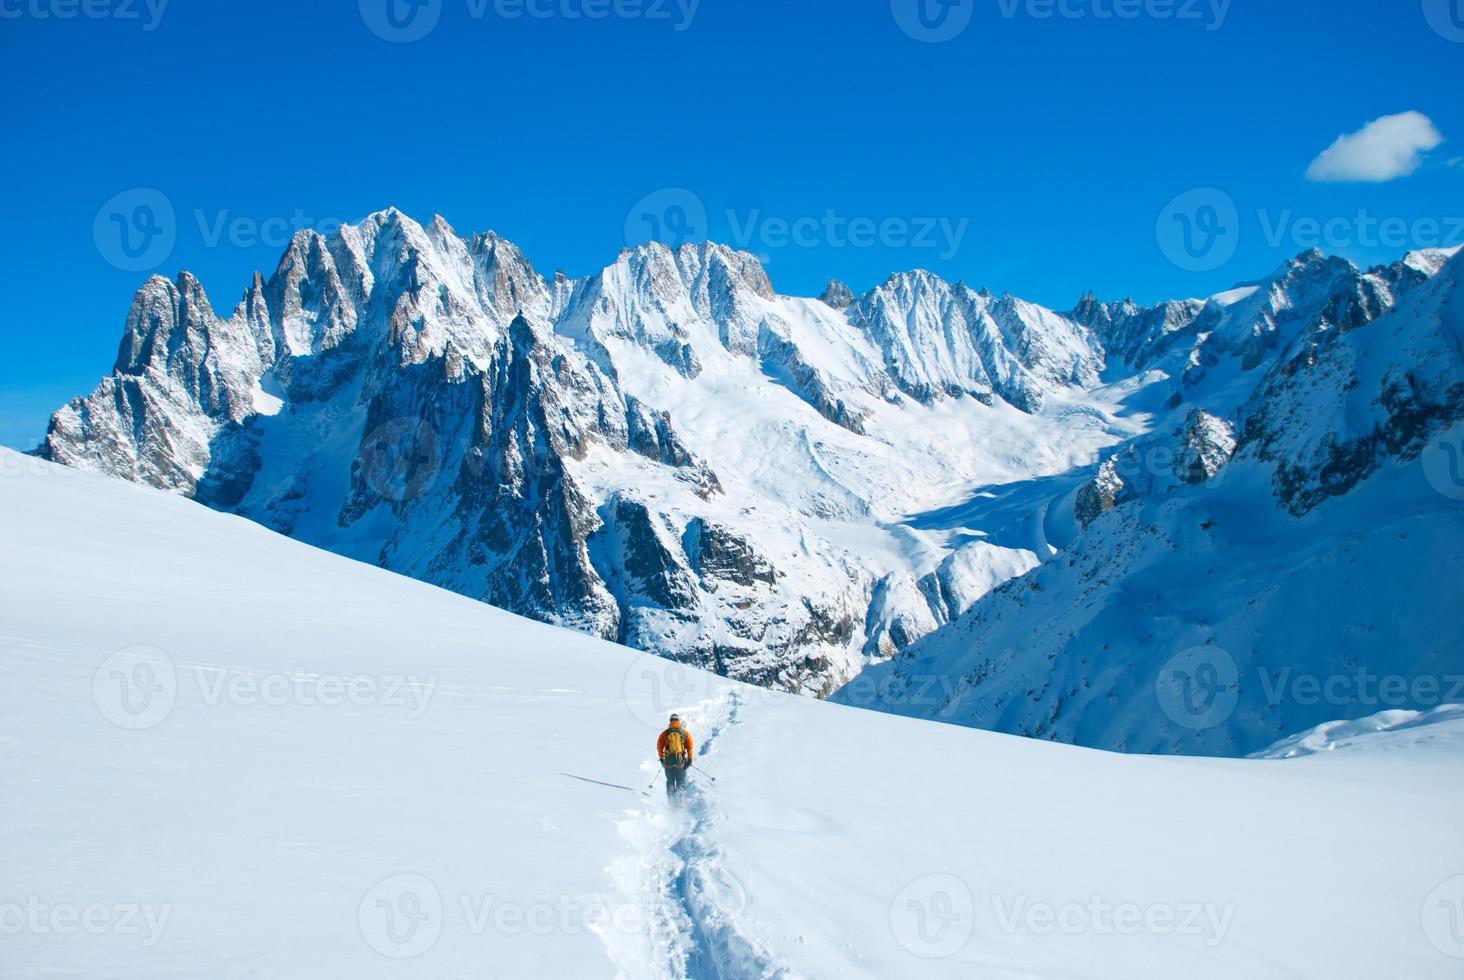 randonneurs en montagne hivernale photo